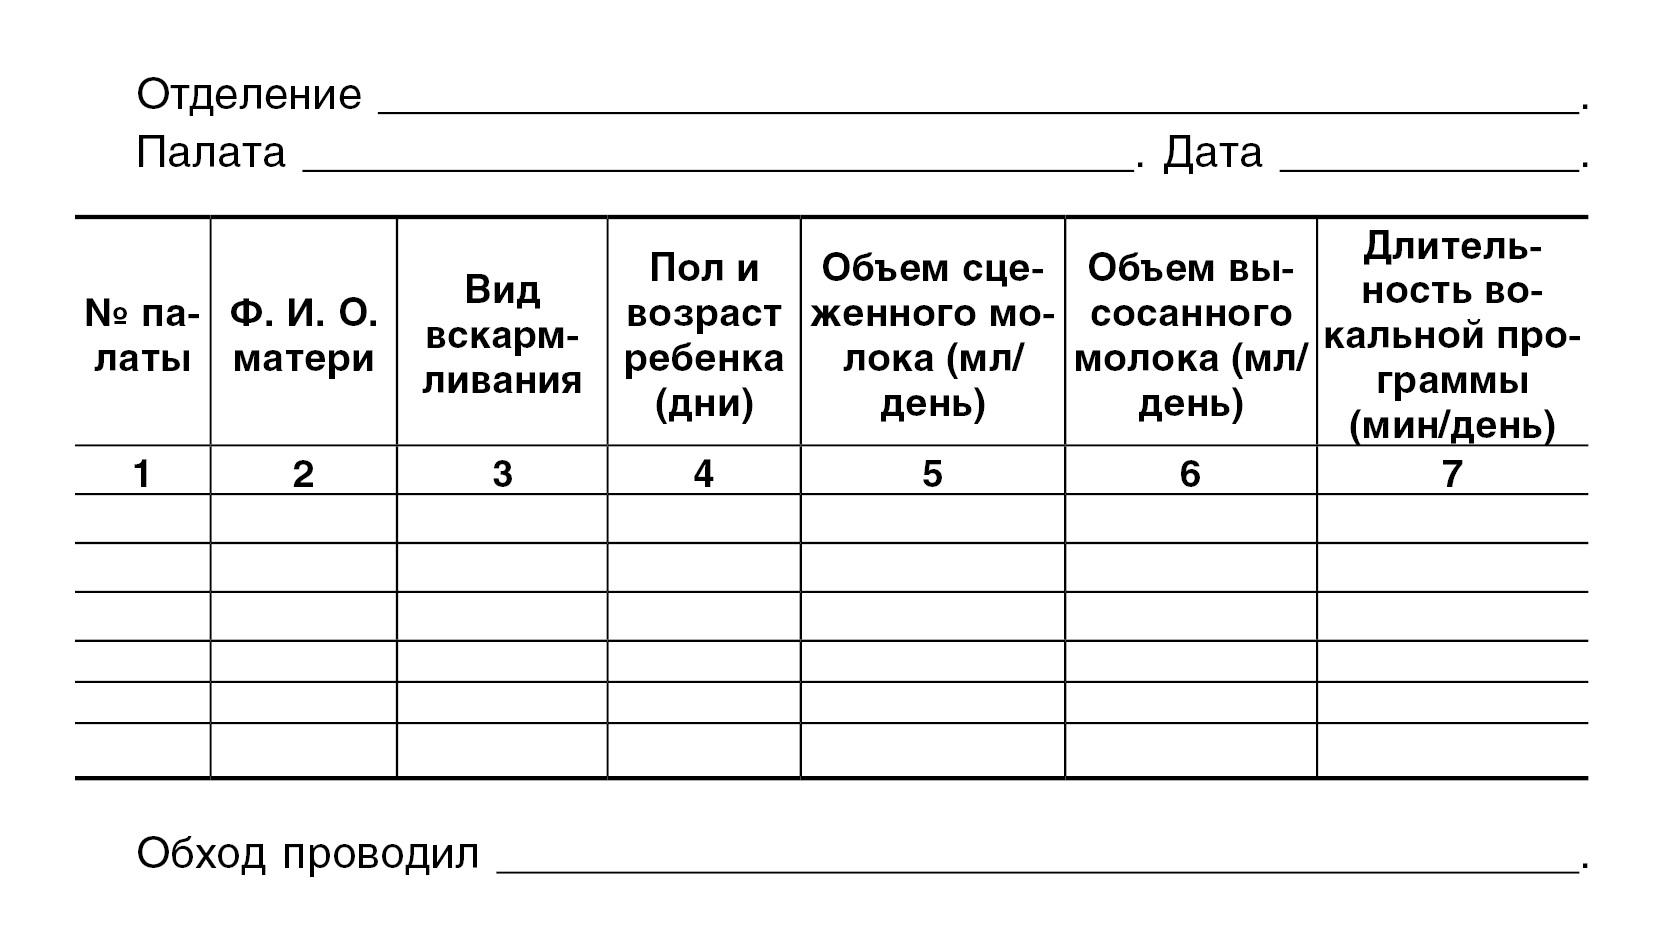 инструкция на контейнеры для сбора отходов класса б и в производство ооо медиа казань